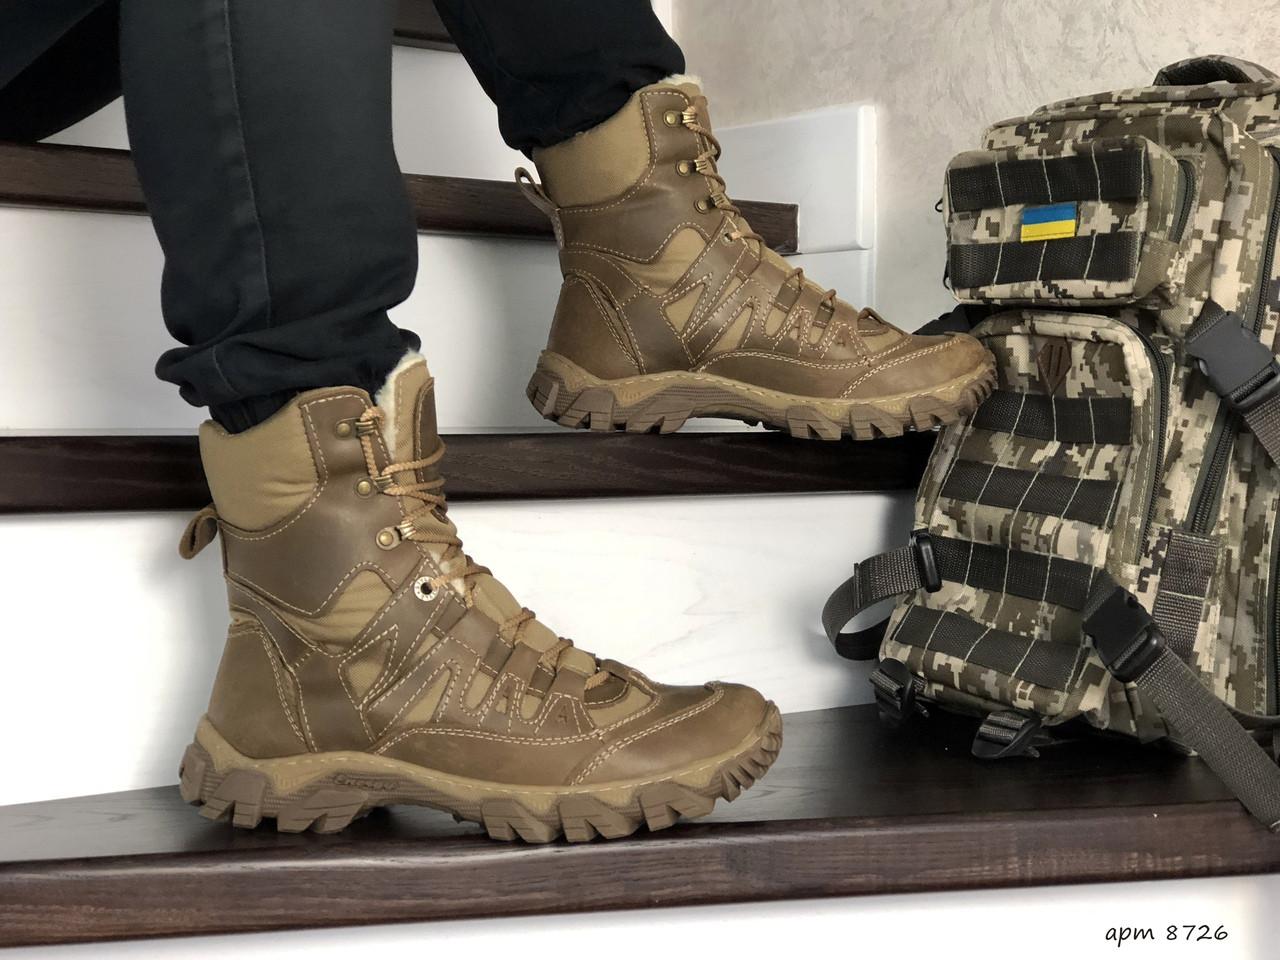 Мужские ботинки берцы натуральная кожа нубук бежевые 45